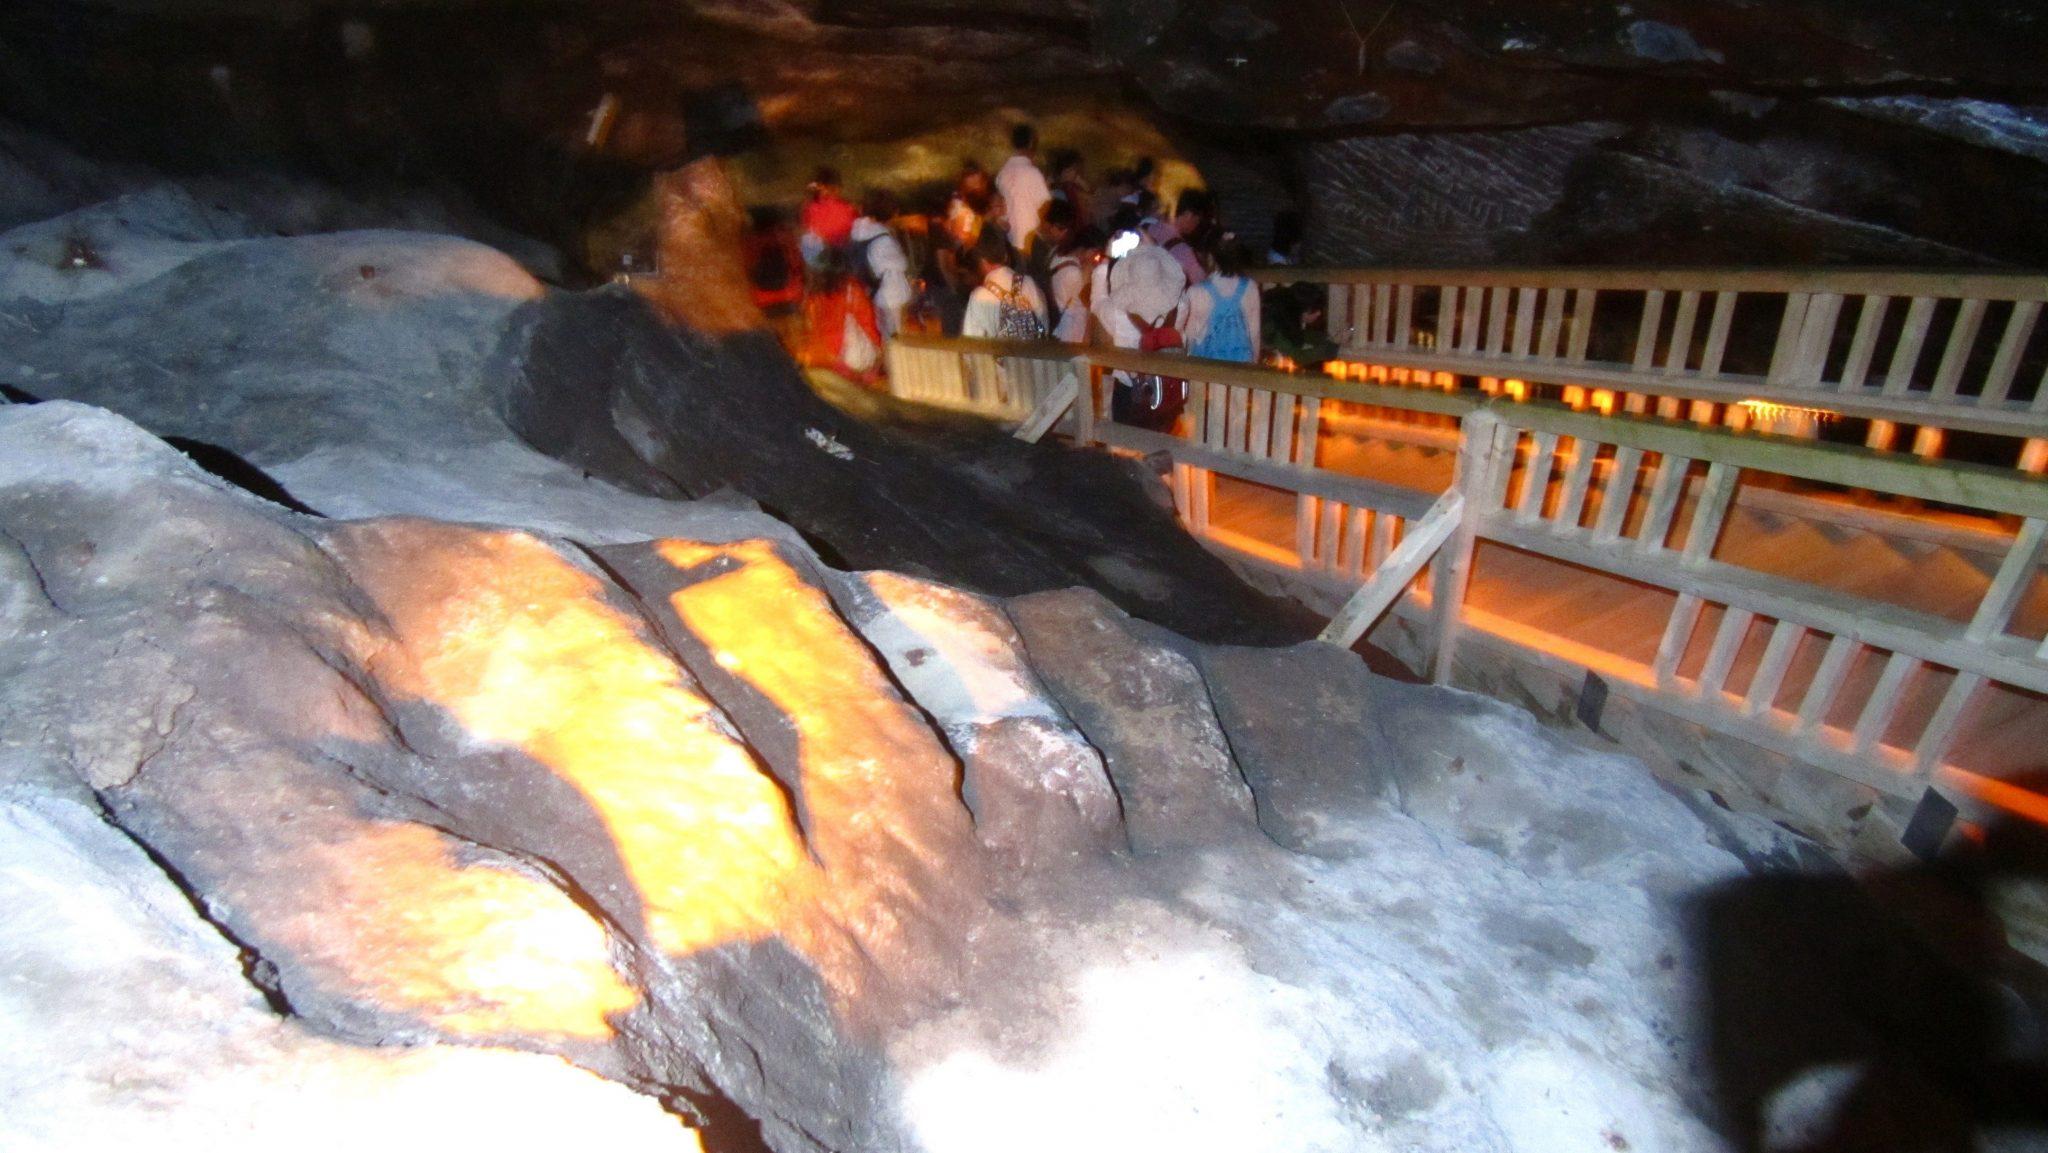 salt mines krakow if you're claustrophobic - probably not a good idea | Salt mines from Krakow, Poland